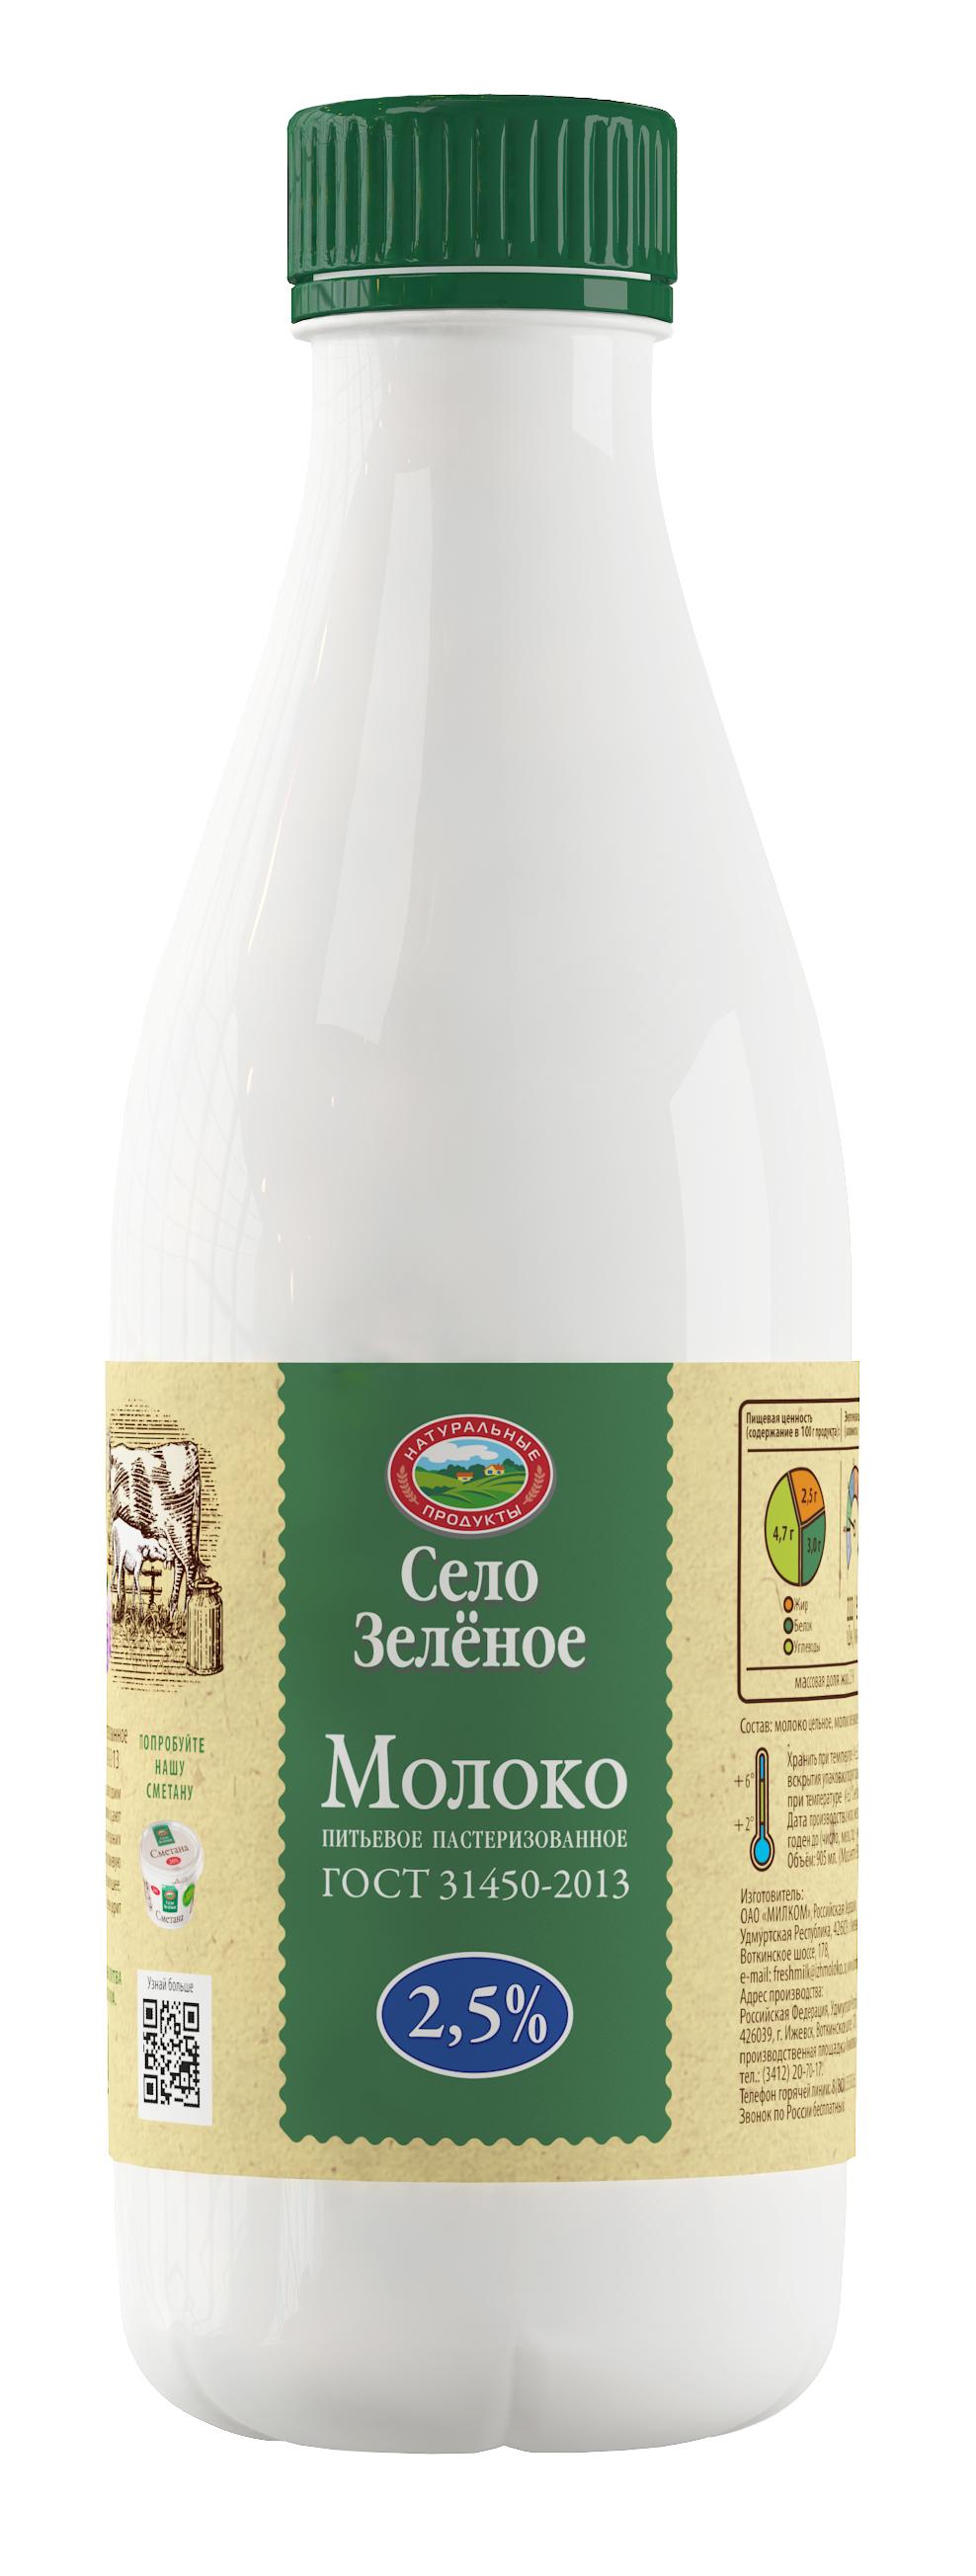 Село Зеленое Молоко пастеризованное 2,5%, 930 г село зеленое молоко пастеризованное 3 2% 930 г